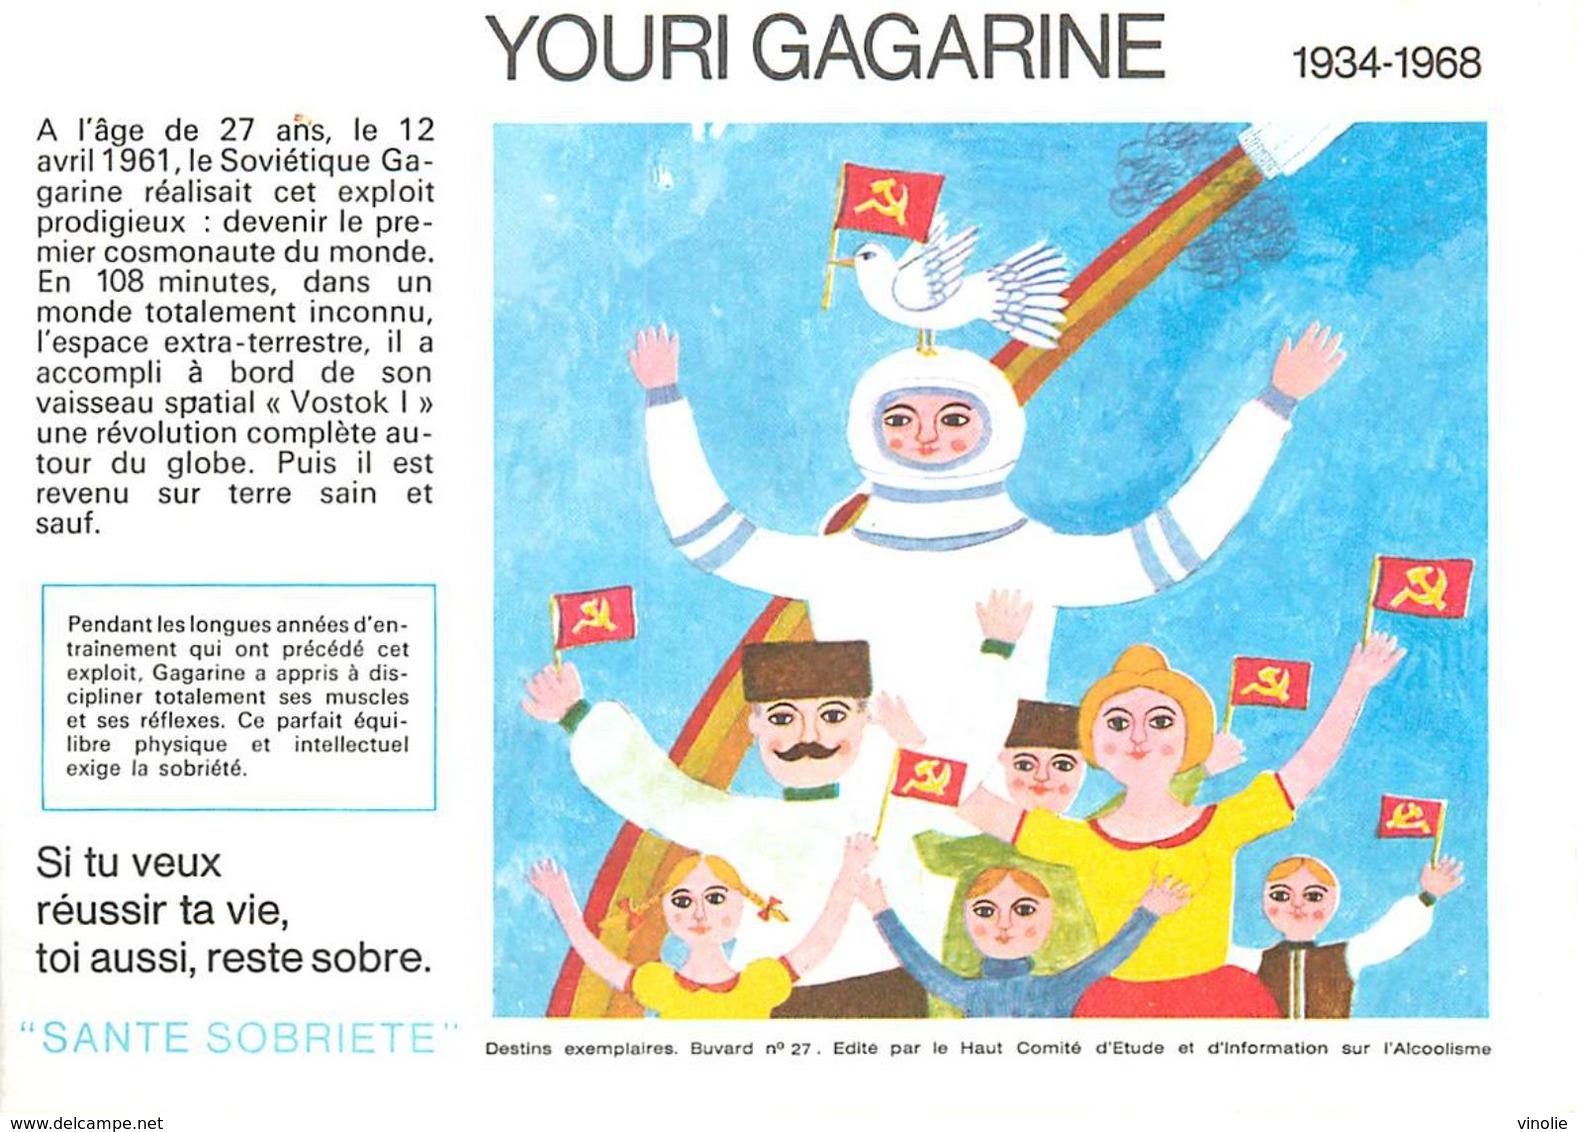 VP-GF.18-80 : BUVARD.  ASTRONAUTE YOURI GAGARINE - Buvards, Protège-cahiers Illustrés